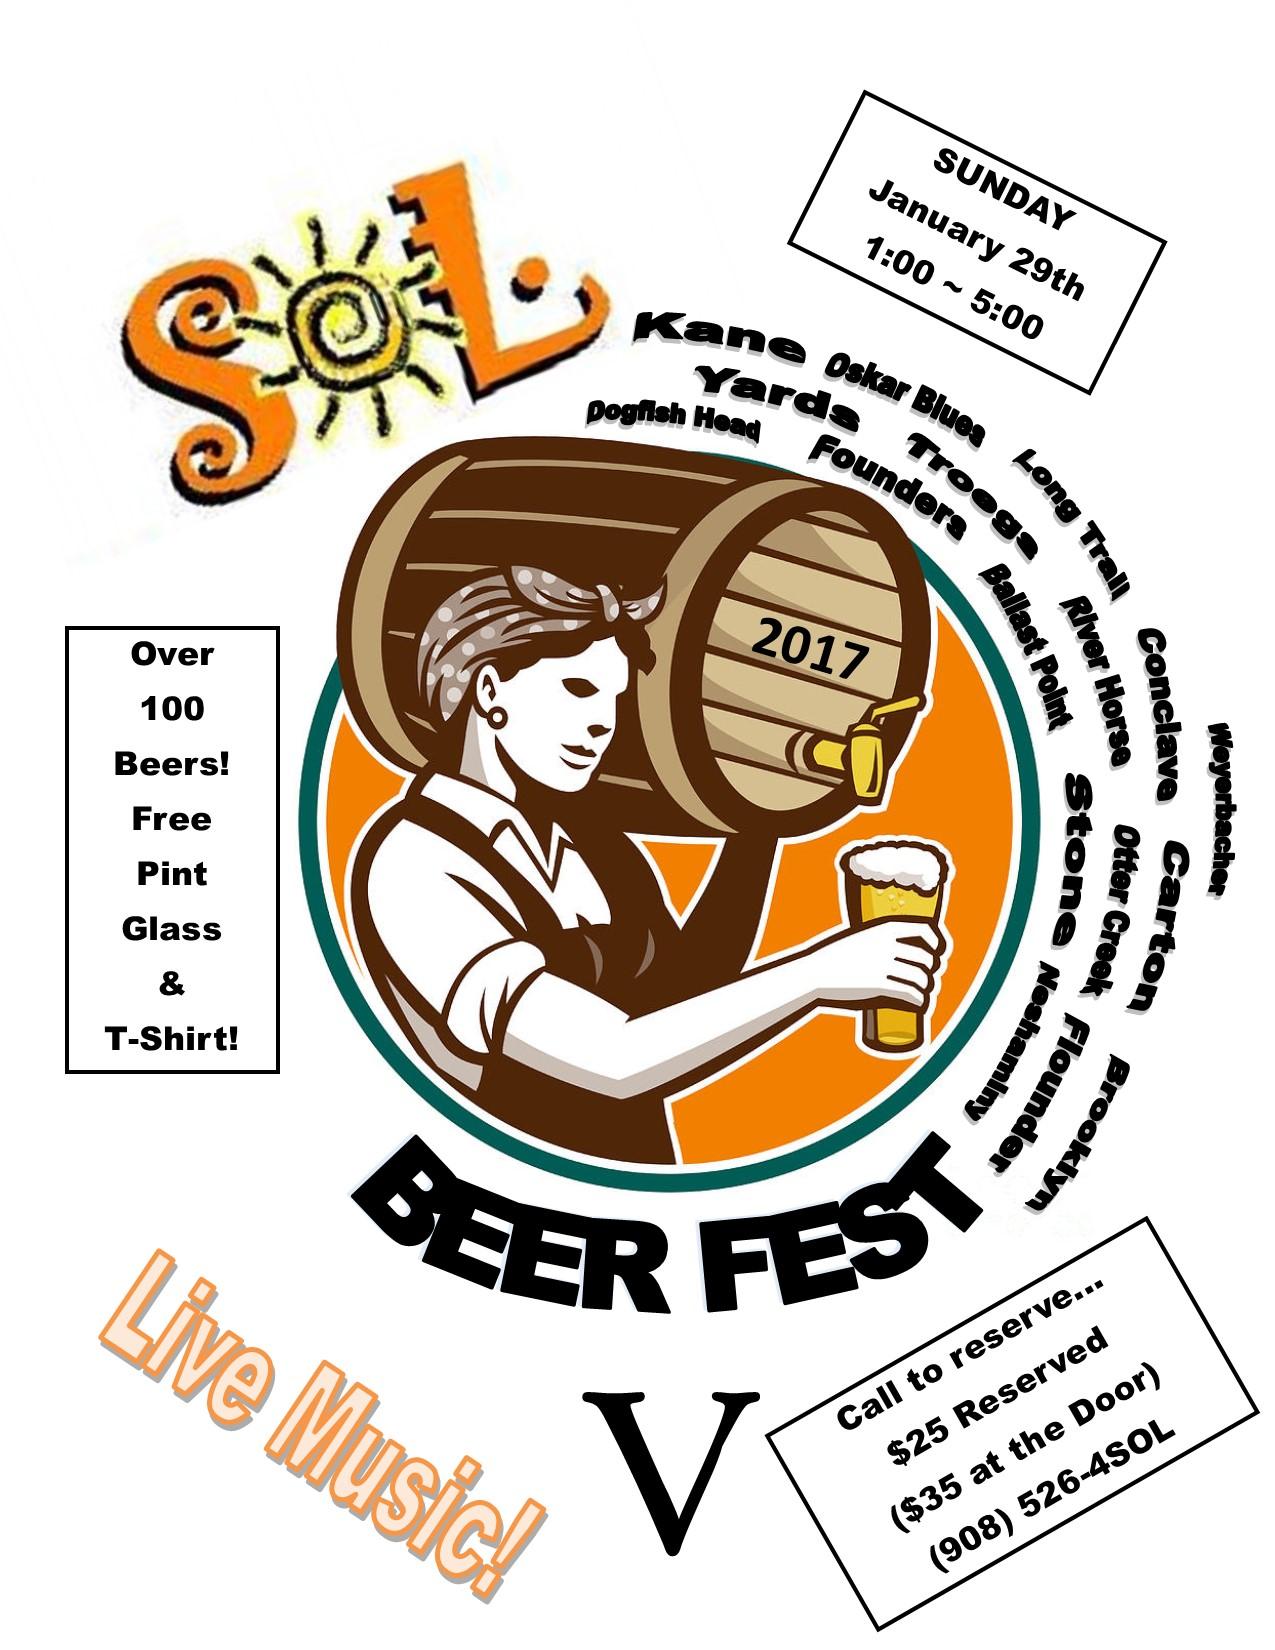 Beer Fest 2017 Flyer.jpg